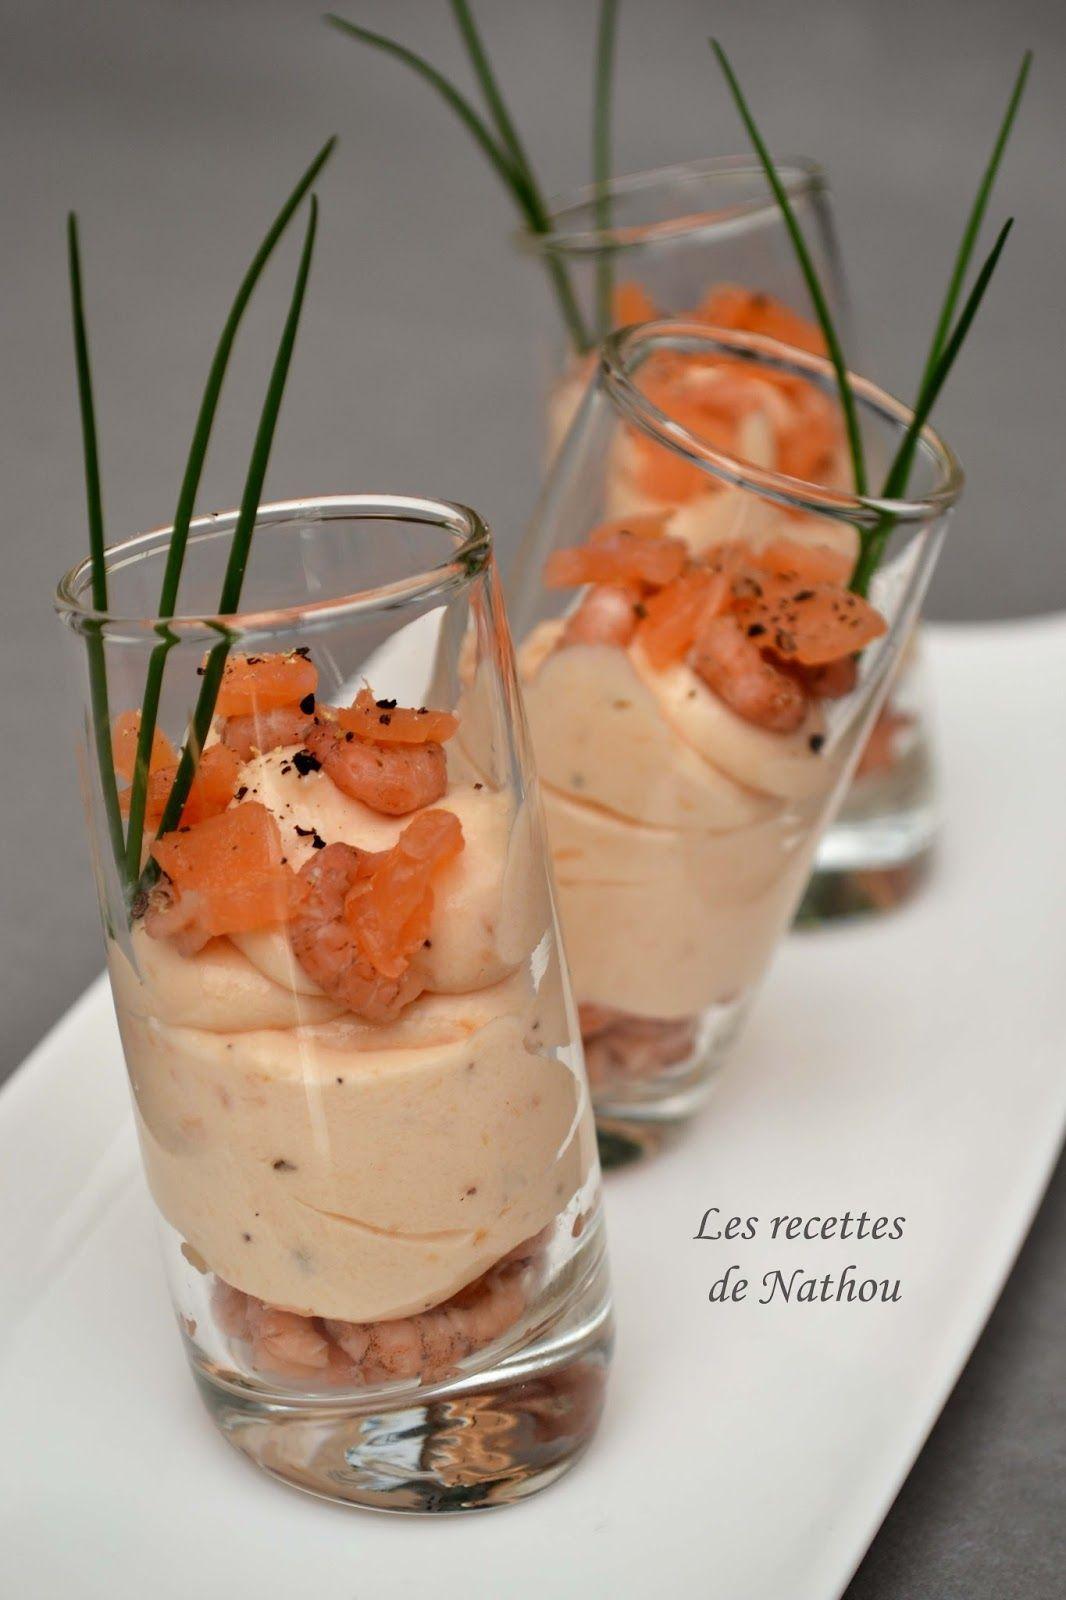 Les recettes de nathou verrines de mousse de saumon fum et crevettes grises poissons - Idee verrine noel ...